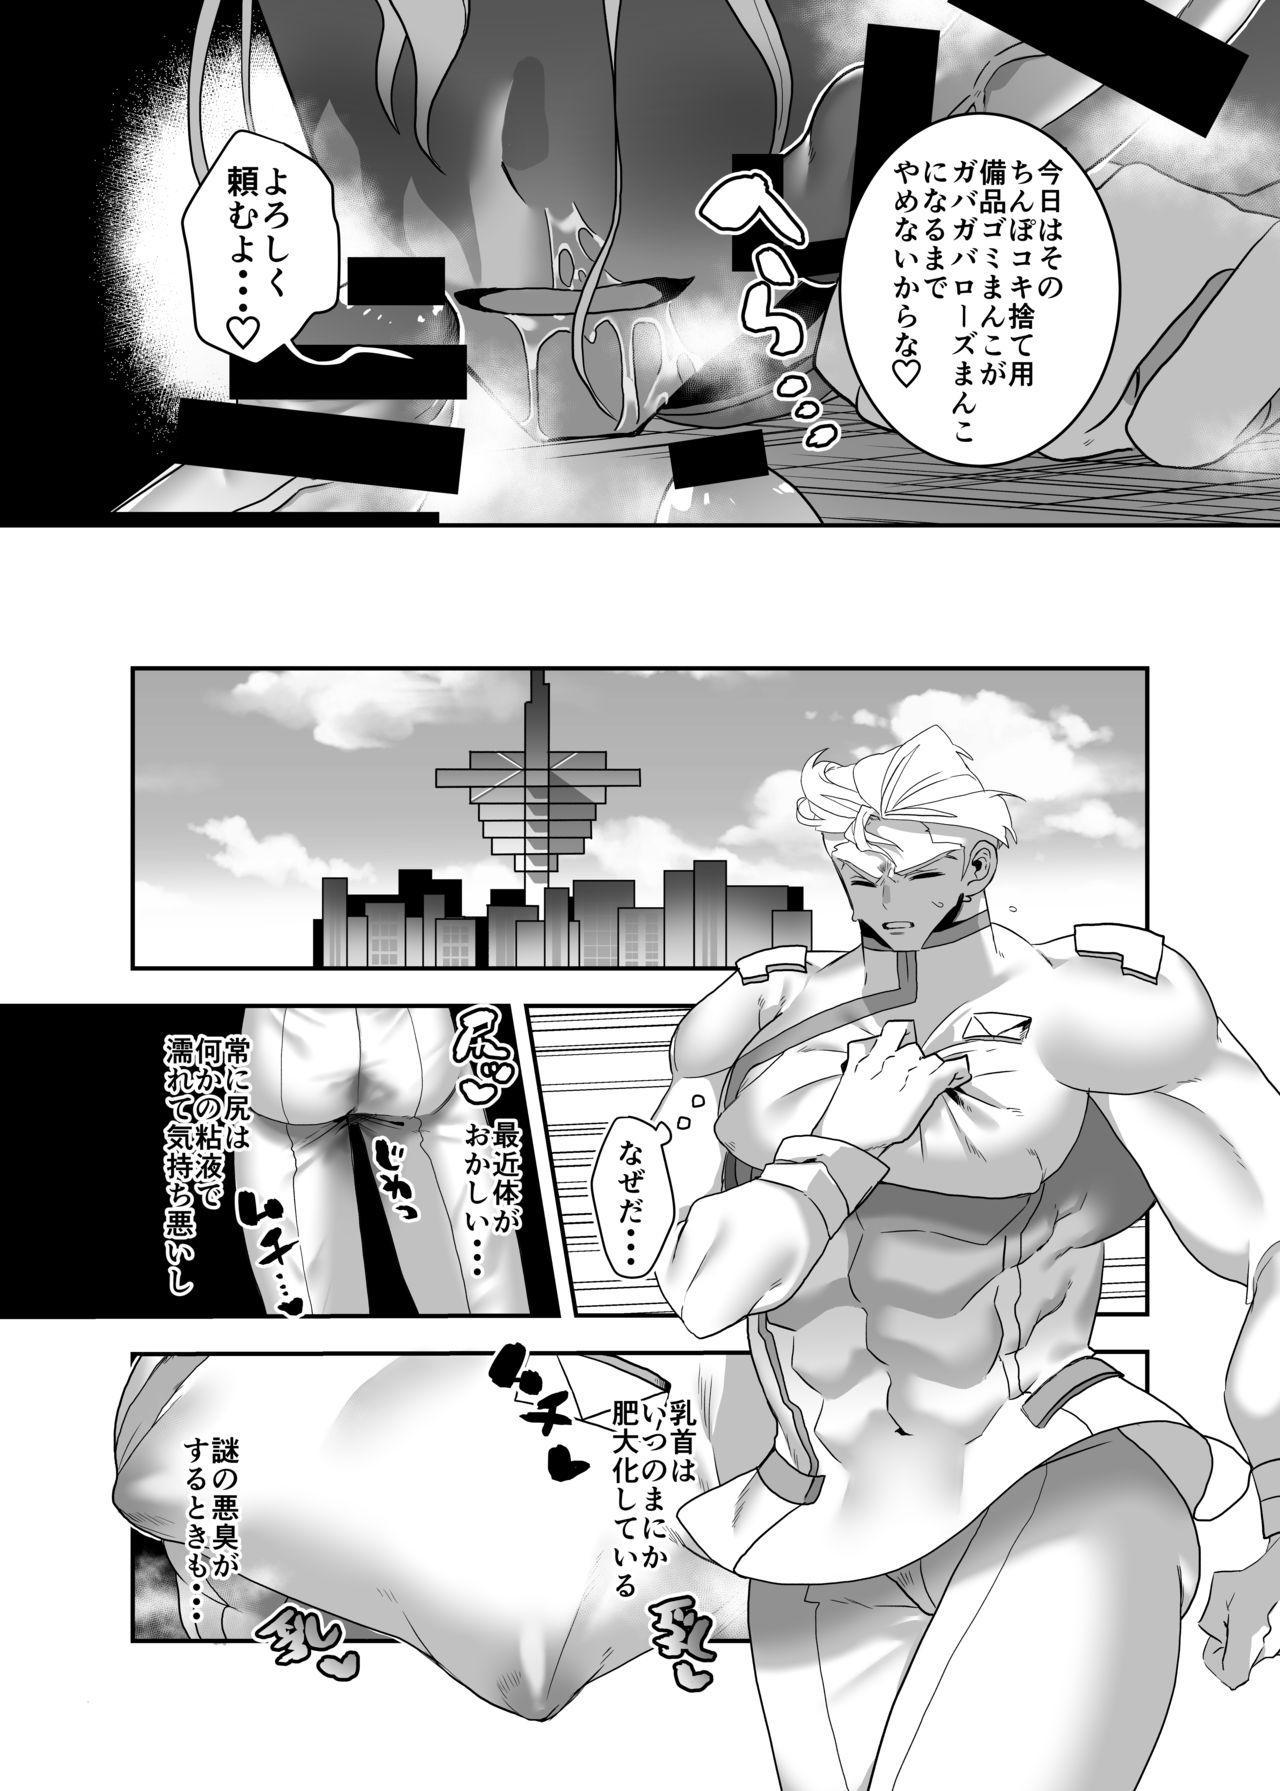 Masaka Ano Promepolis Shiseikan ga Saimin Appli de Seidorei ni Ochiru nante 11